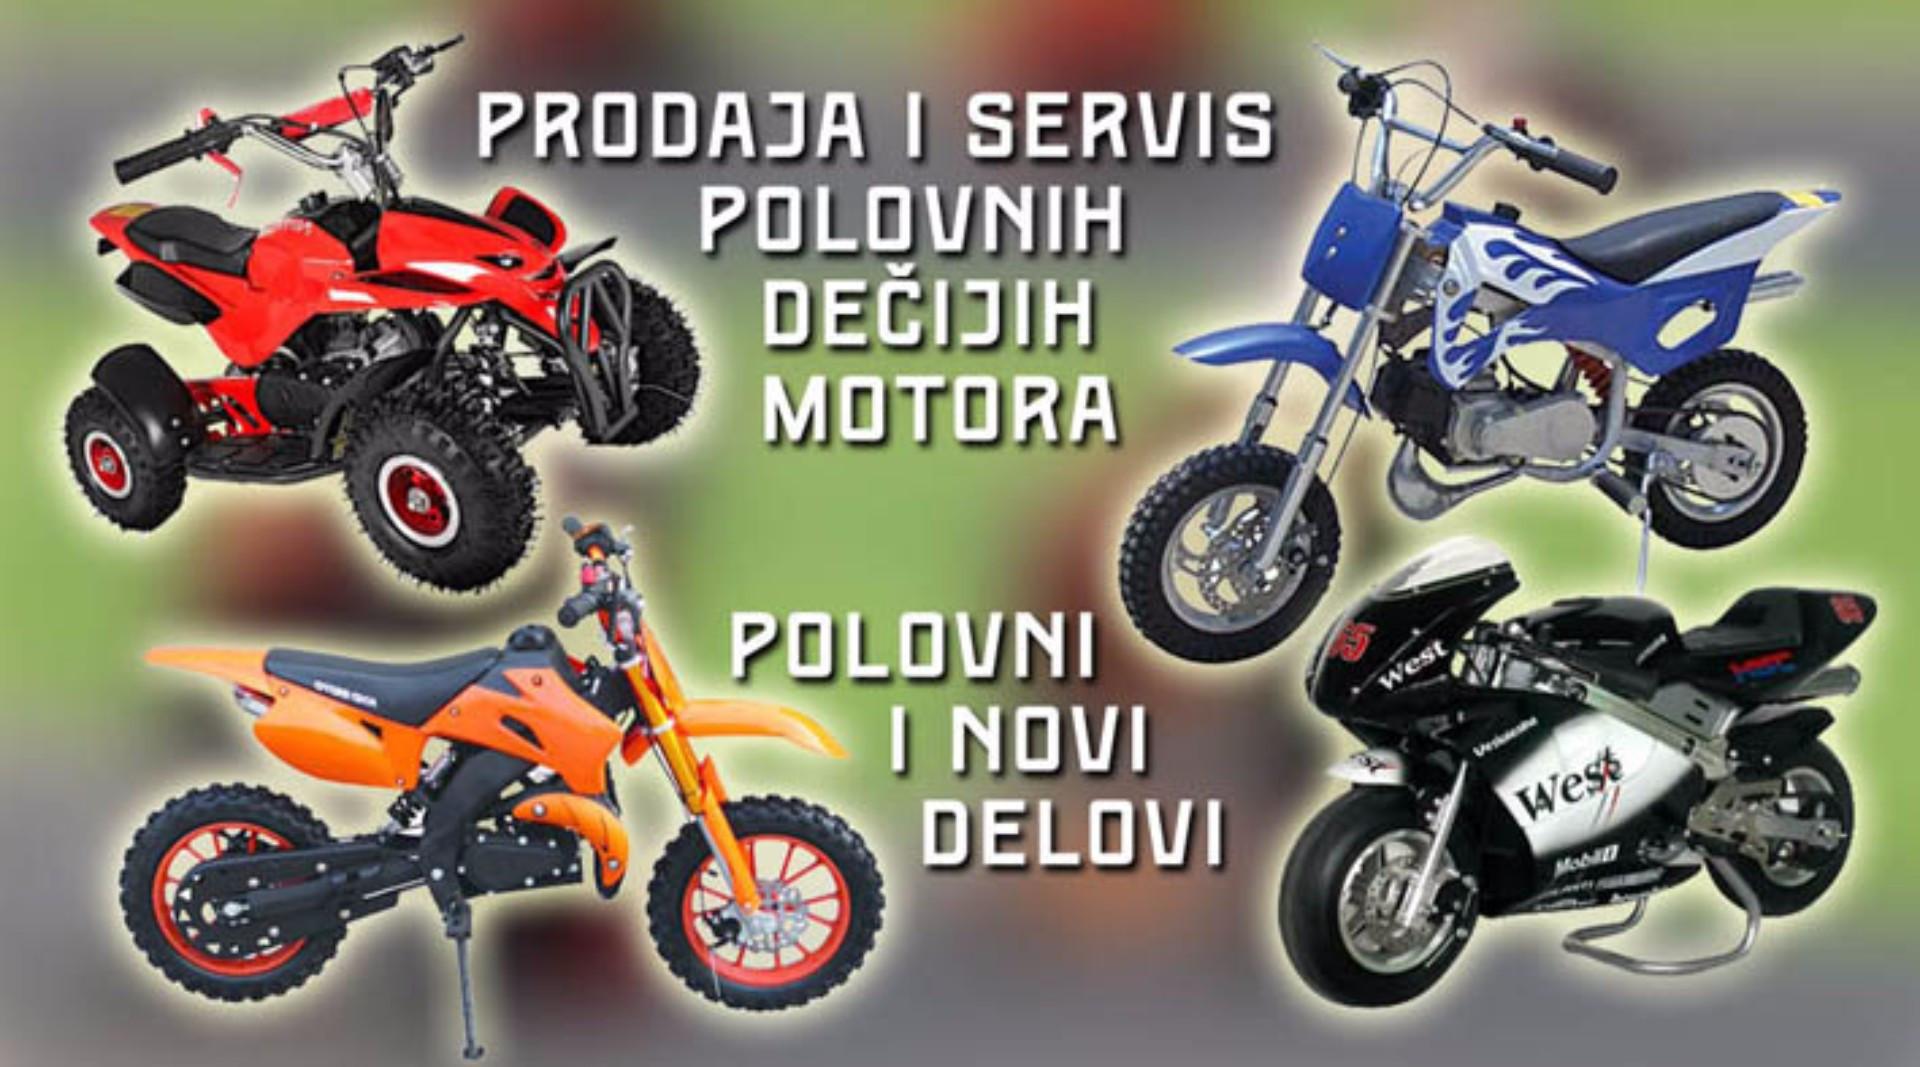 Pocket Bike Ivan Auto Plac Platičevo Polovni Automobili